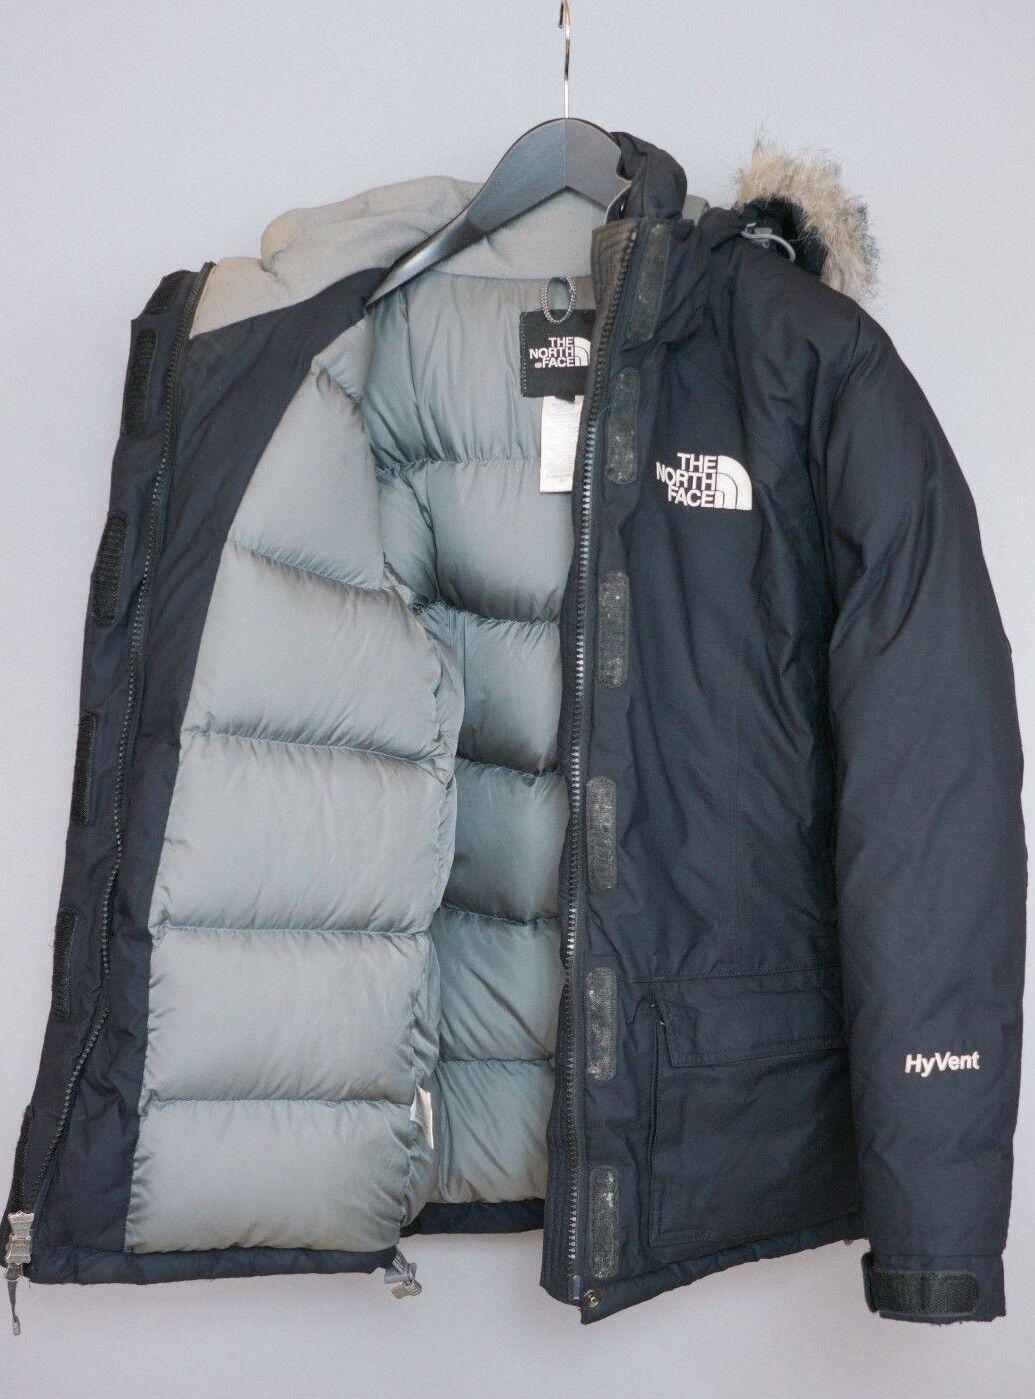 Damen The North Face Jacke Hyvent mit Daunen Gefüllt Warm Winter S UK10 ZFA286